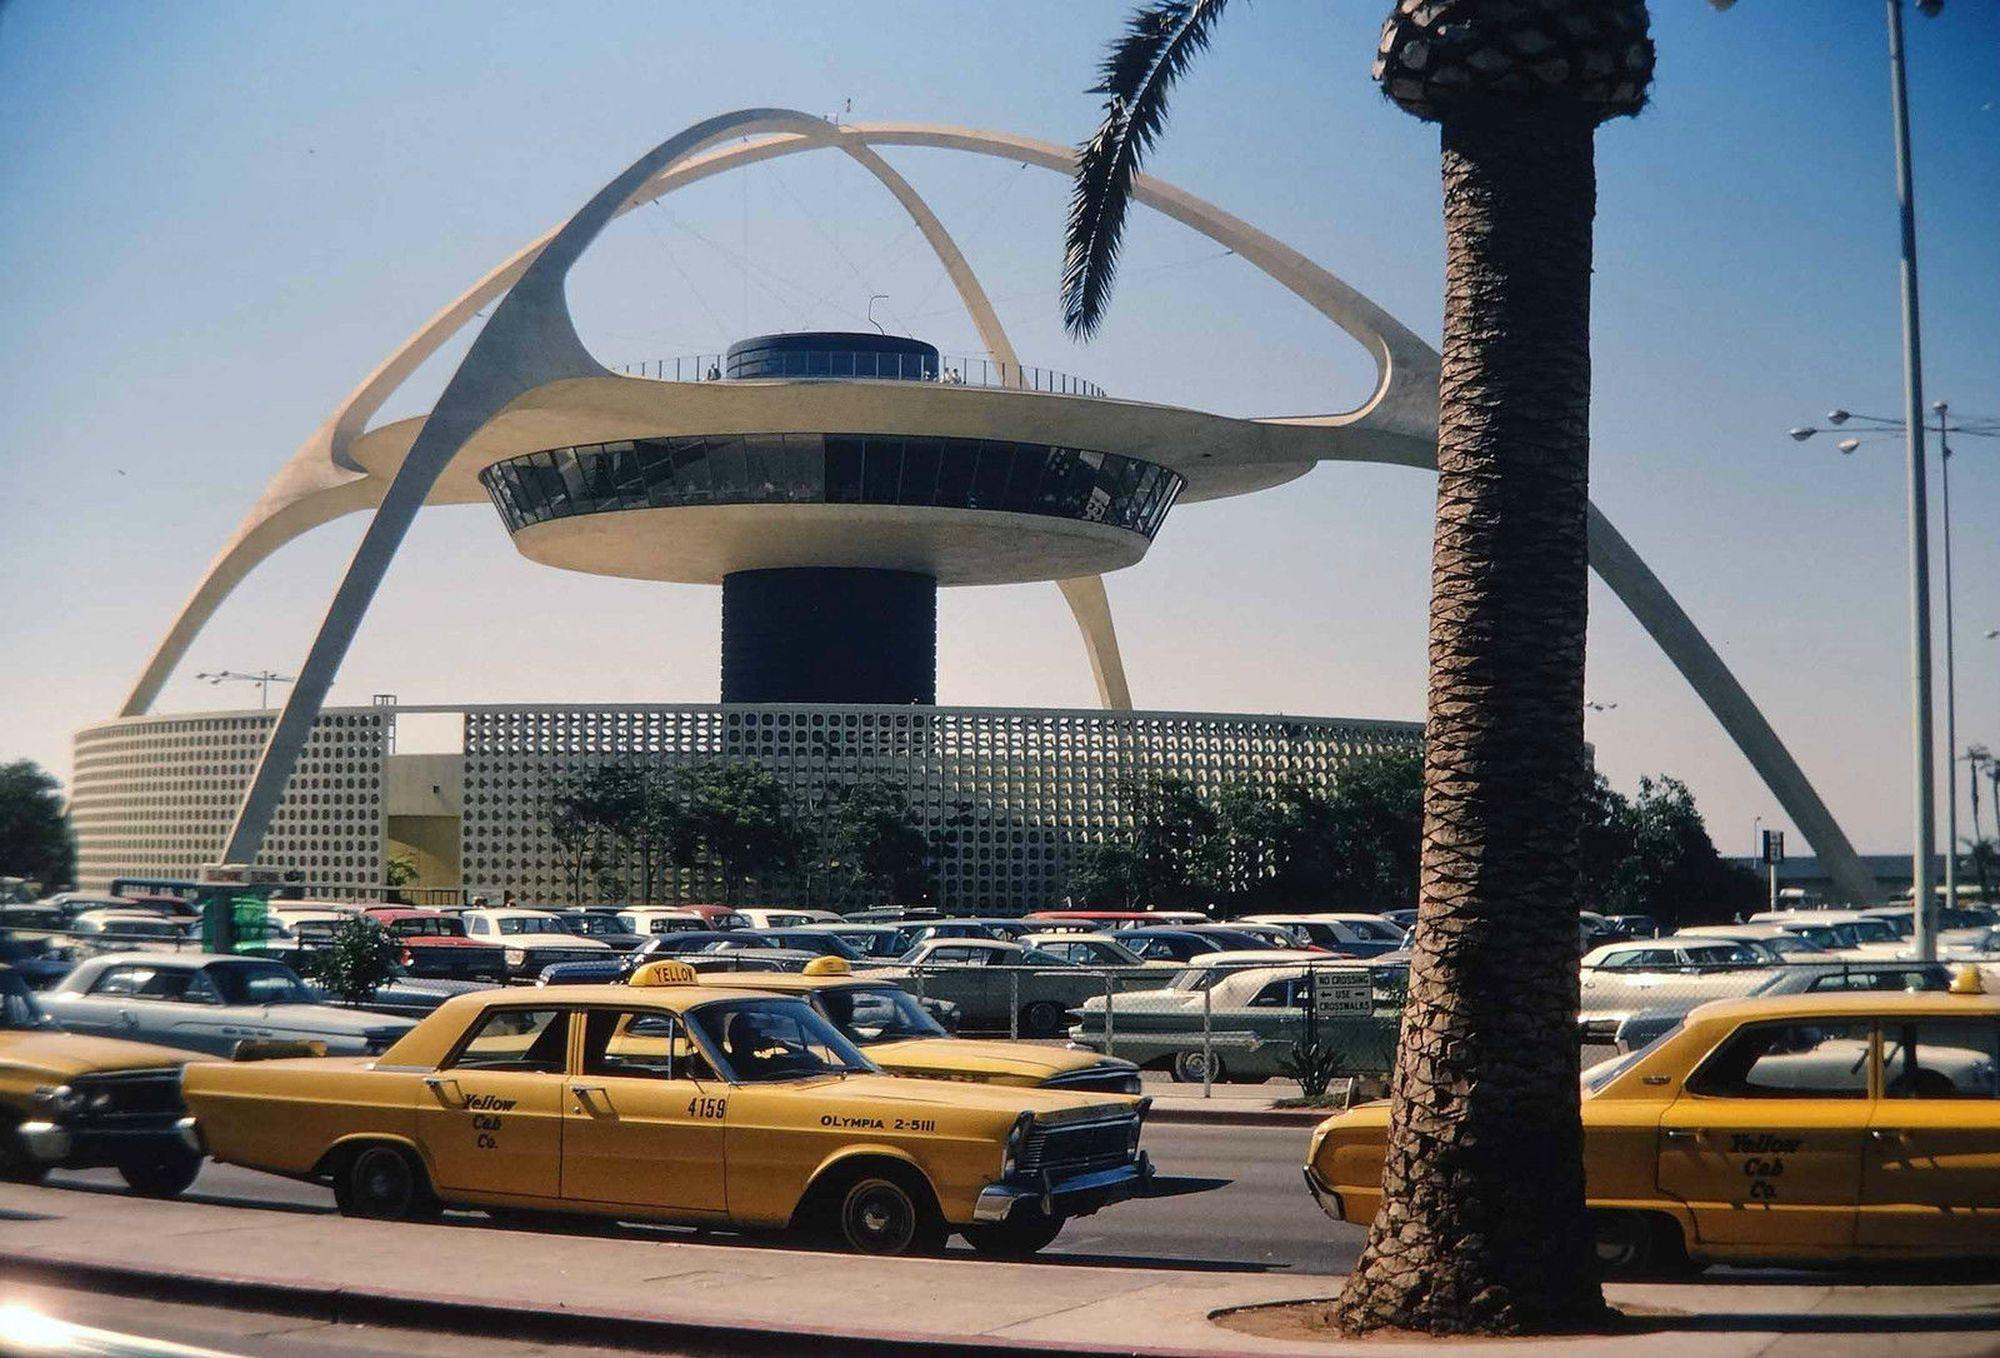 Noticias de aeropuertos. Noticias de aviación. Aeropuerto Internacional de Los Angeles